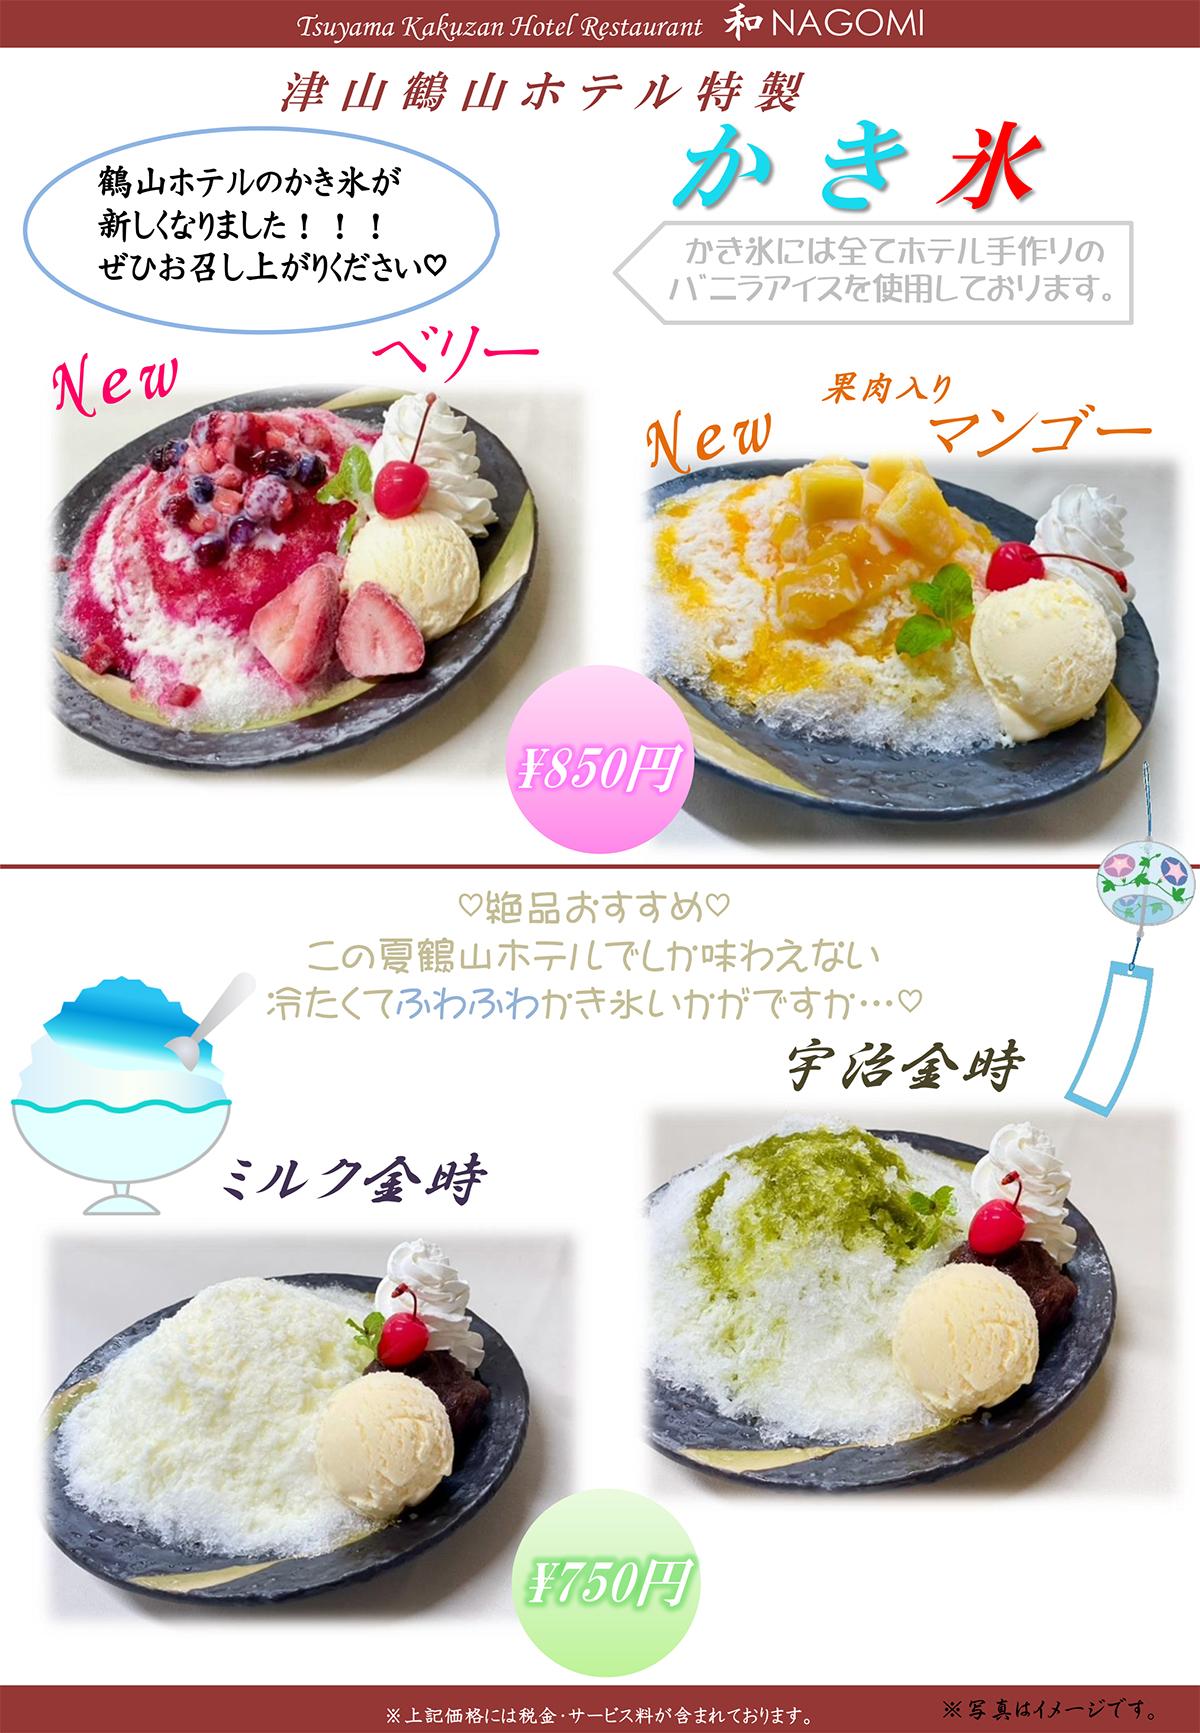 2021 津山鶴山ホテル かき氷